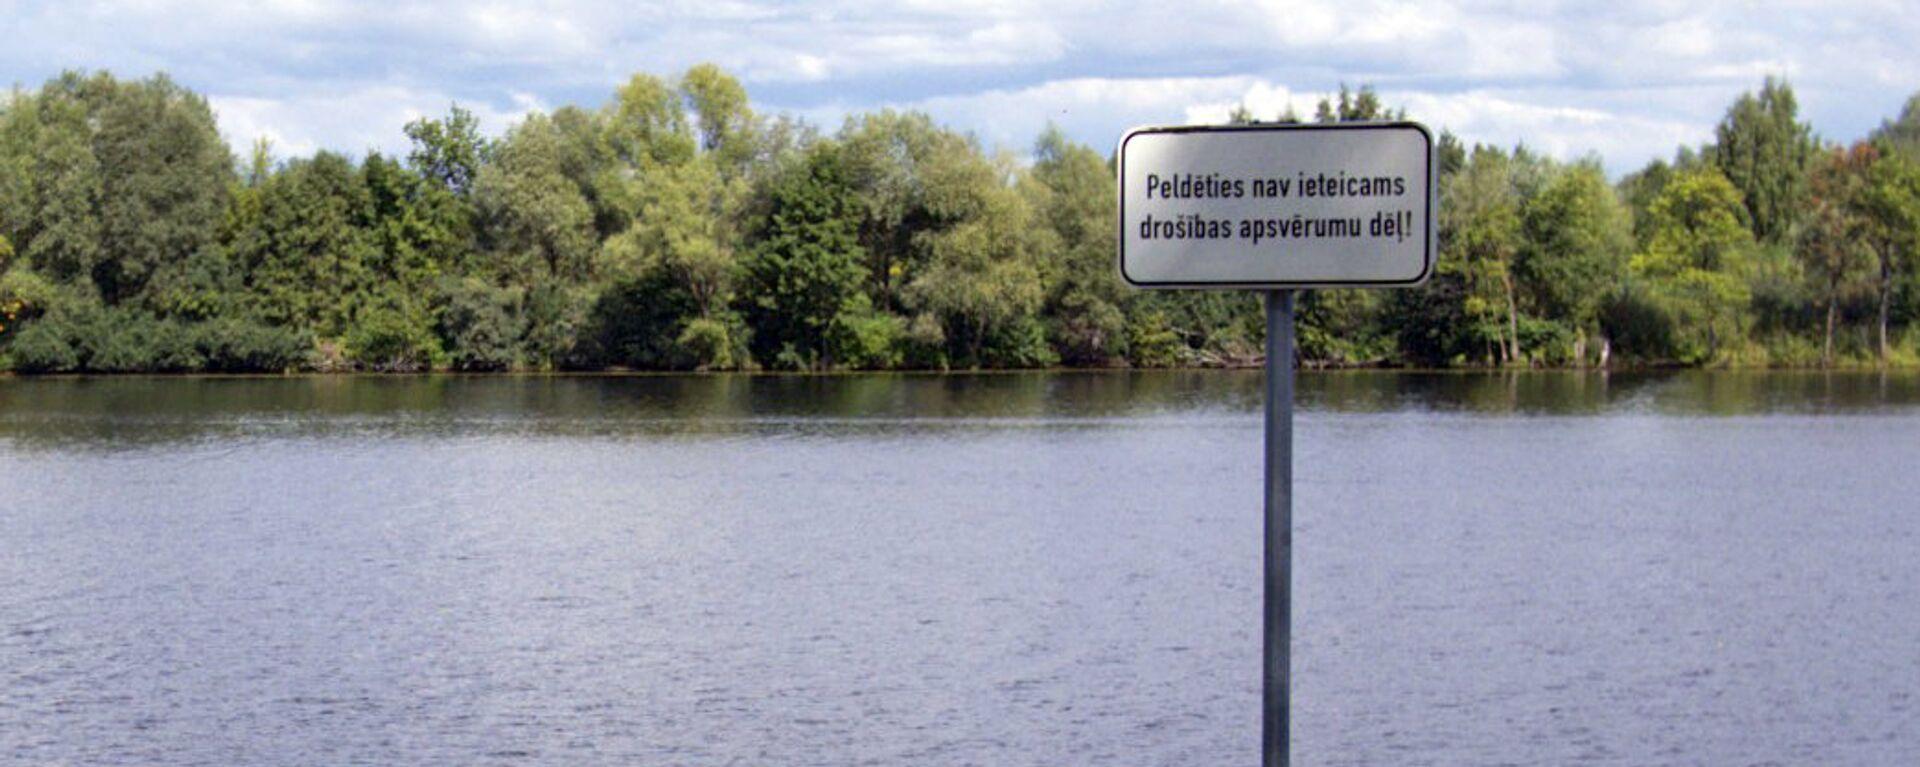 Купаться не рекомендуется - Sputnik Латвия, 1920, 20.11.2020